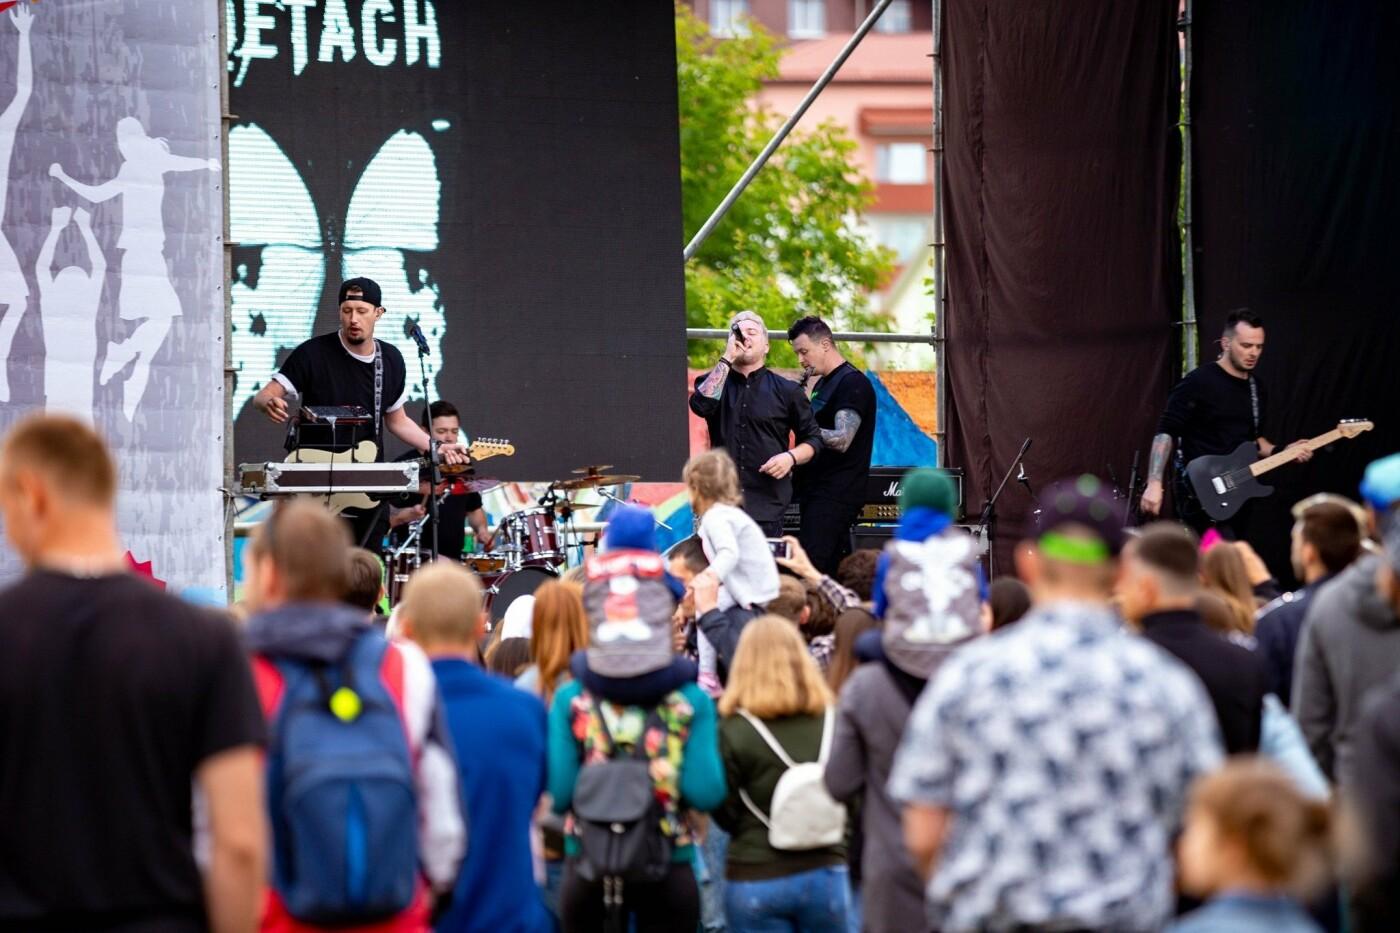 У Хмельницькому пройшов молодіжний фестиваль до Дня Молоді (фото), фото-1